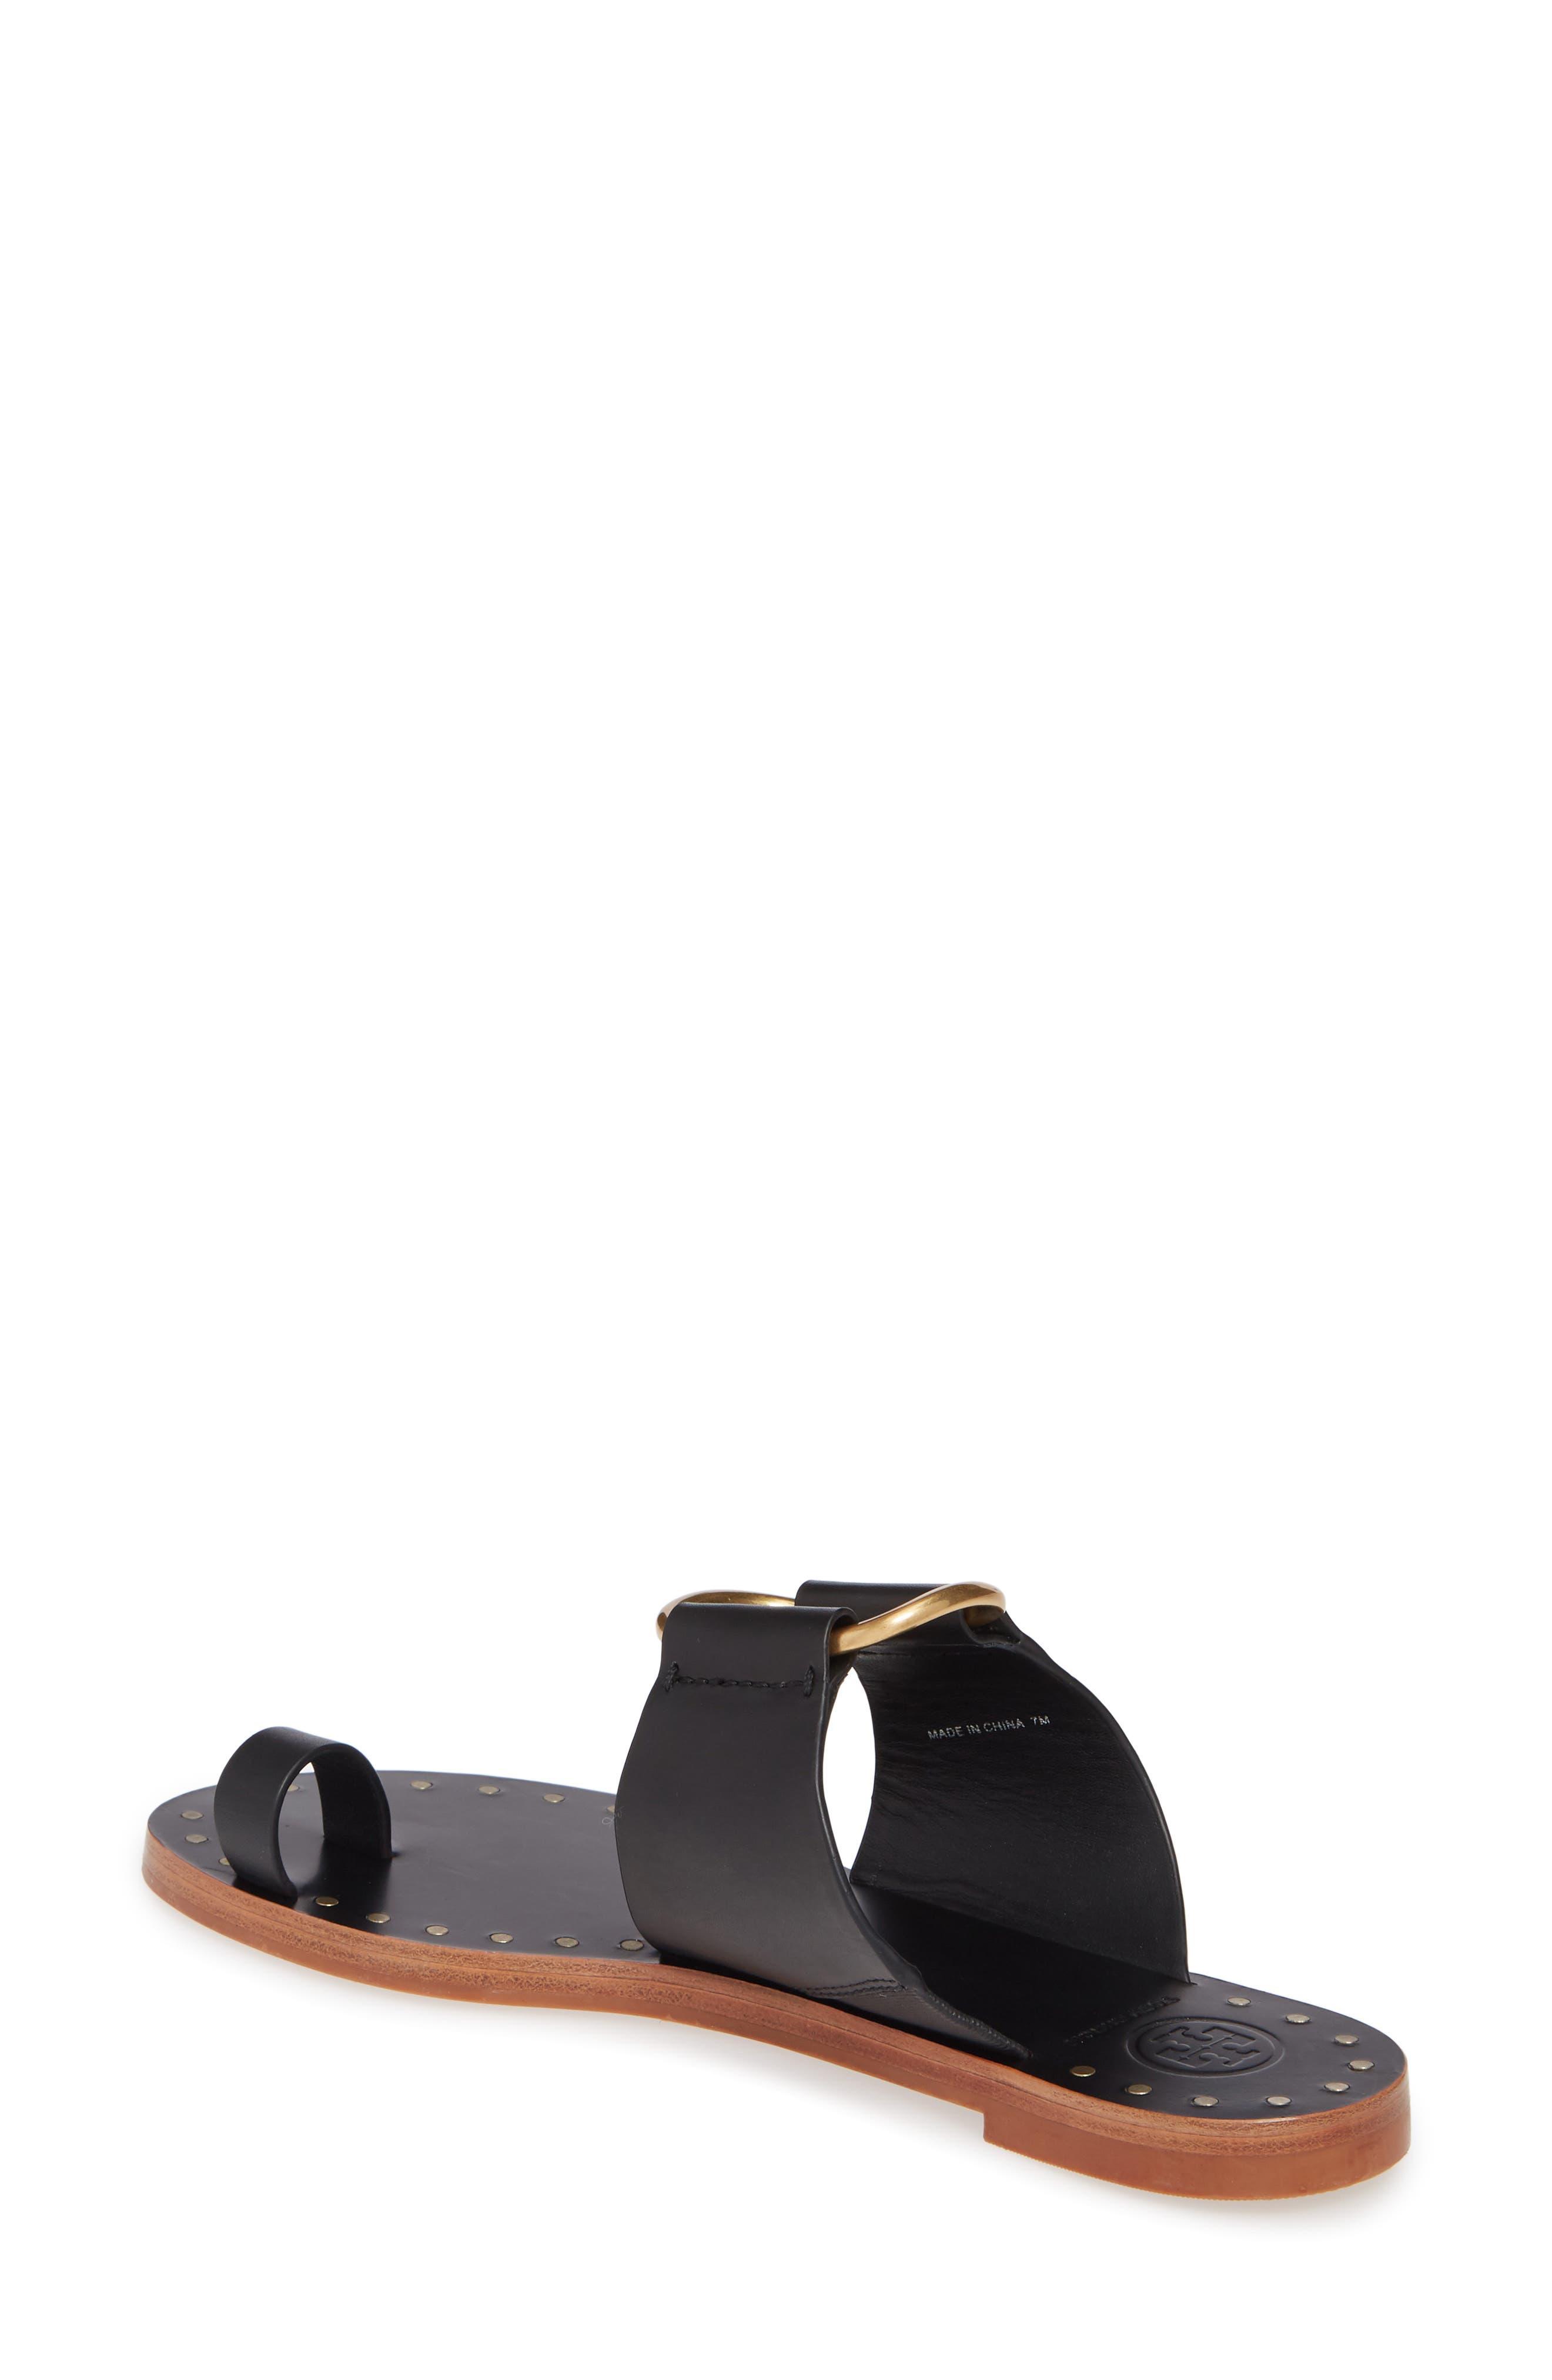 Ravello Toe Ring Sandal,                             Alternate thumbnail 2, color,                             PERFECT BLACK/ GOLD